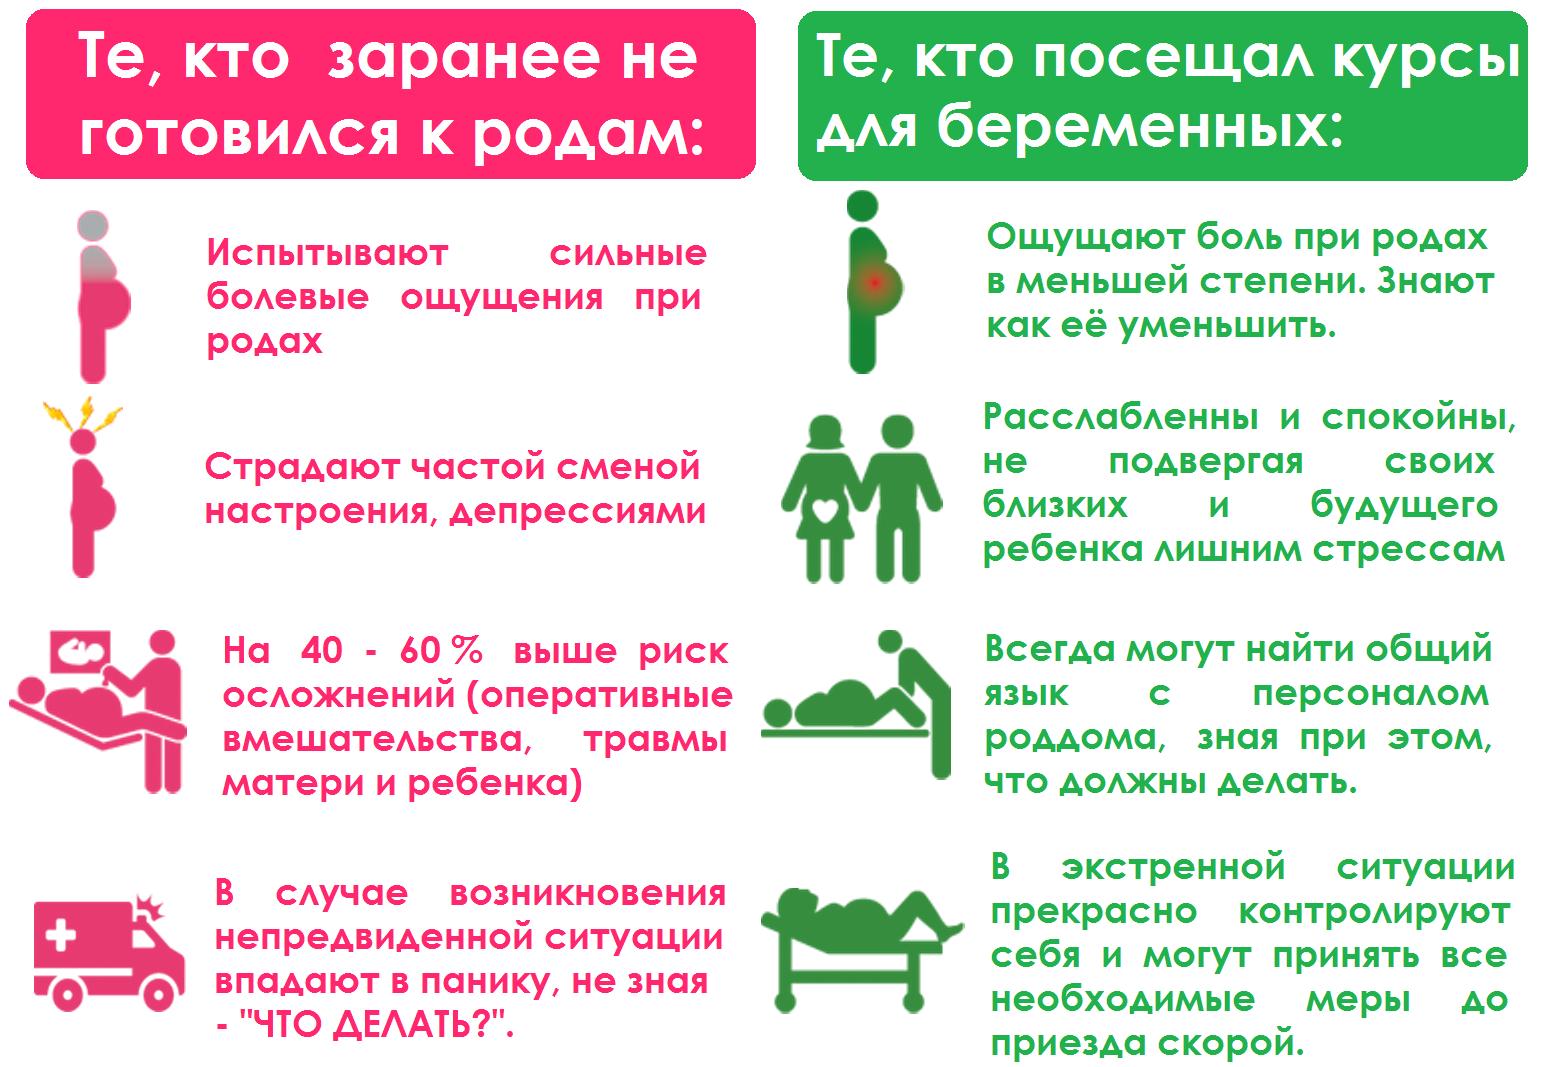 Плюсы подготовки к родам